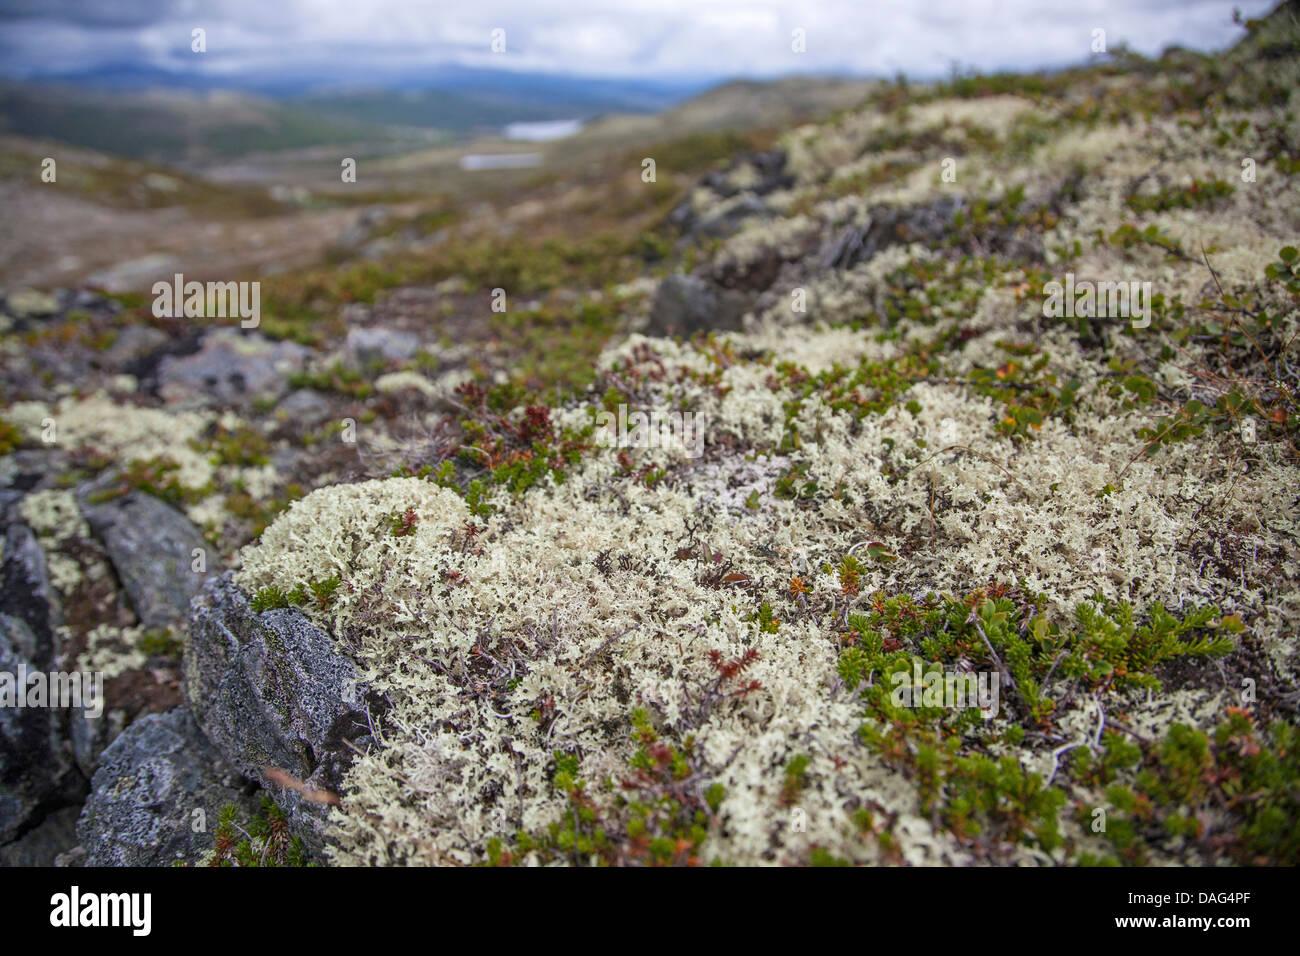 Cup lichen (Cladonia portentosa), tra crowberries, Norvegia, Dovrefjell Sunndalsfjella Parco Nazionale Immagini Stock